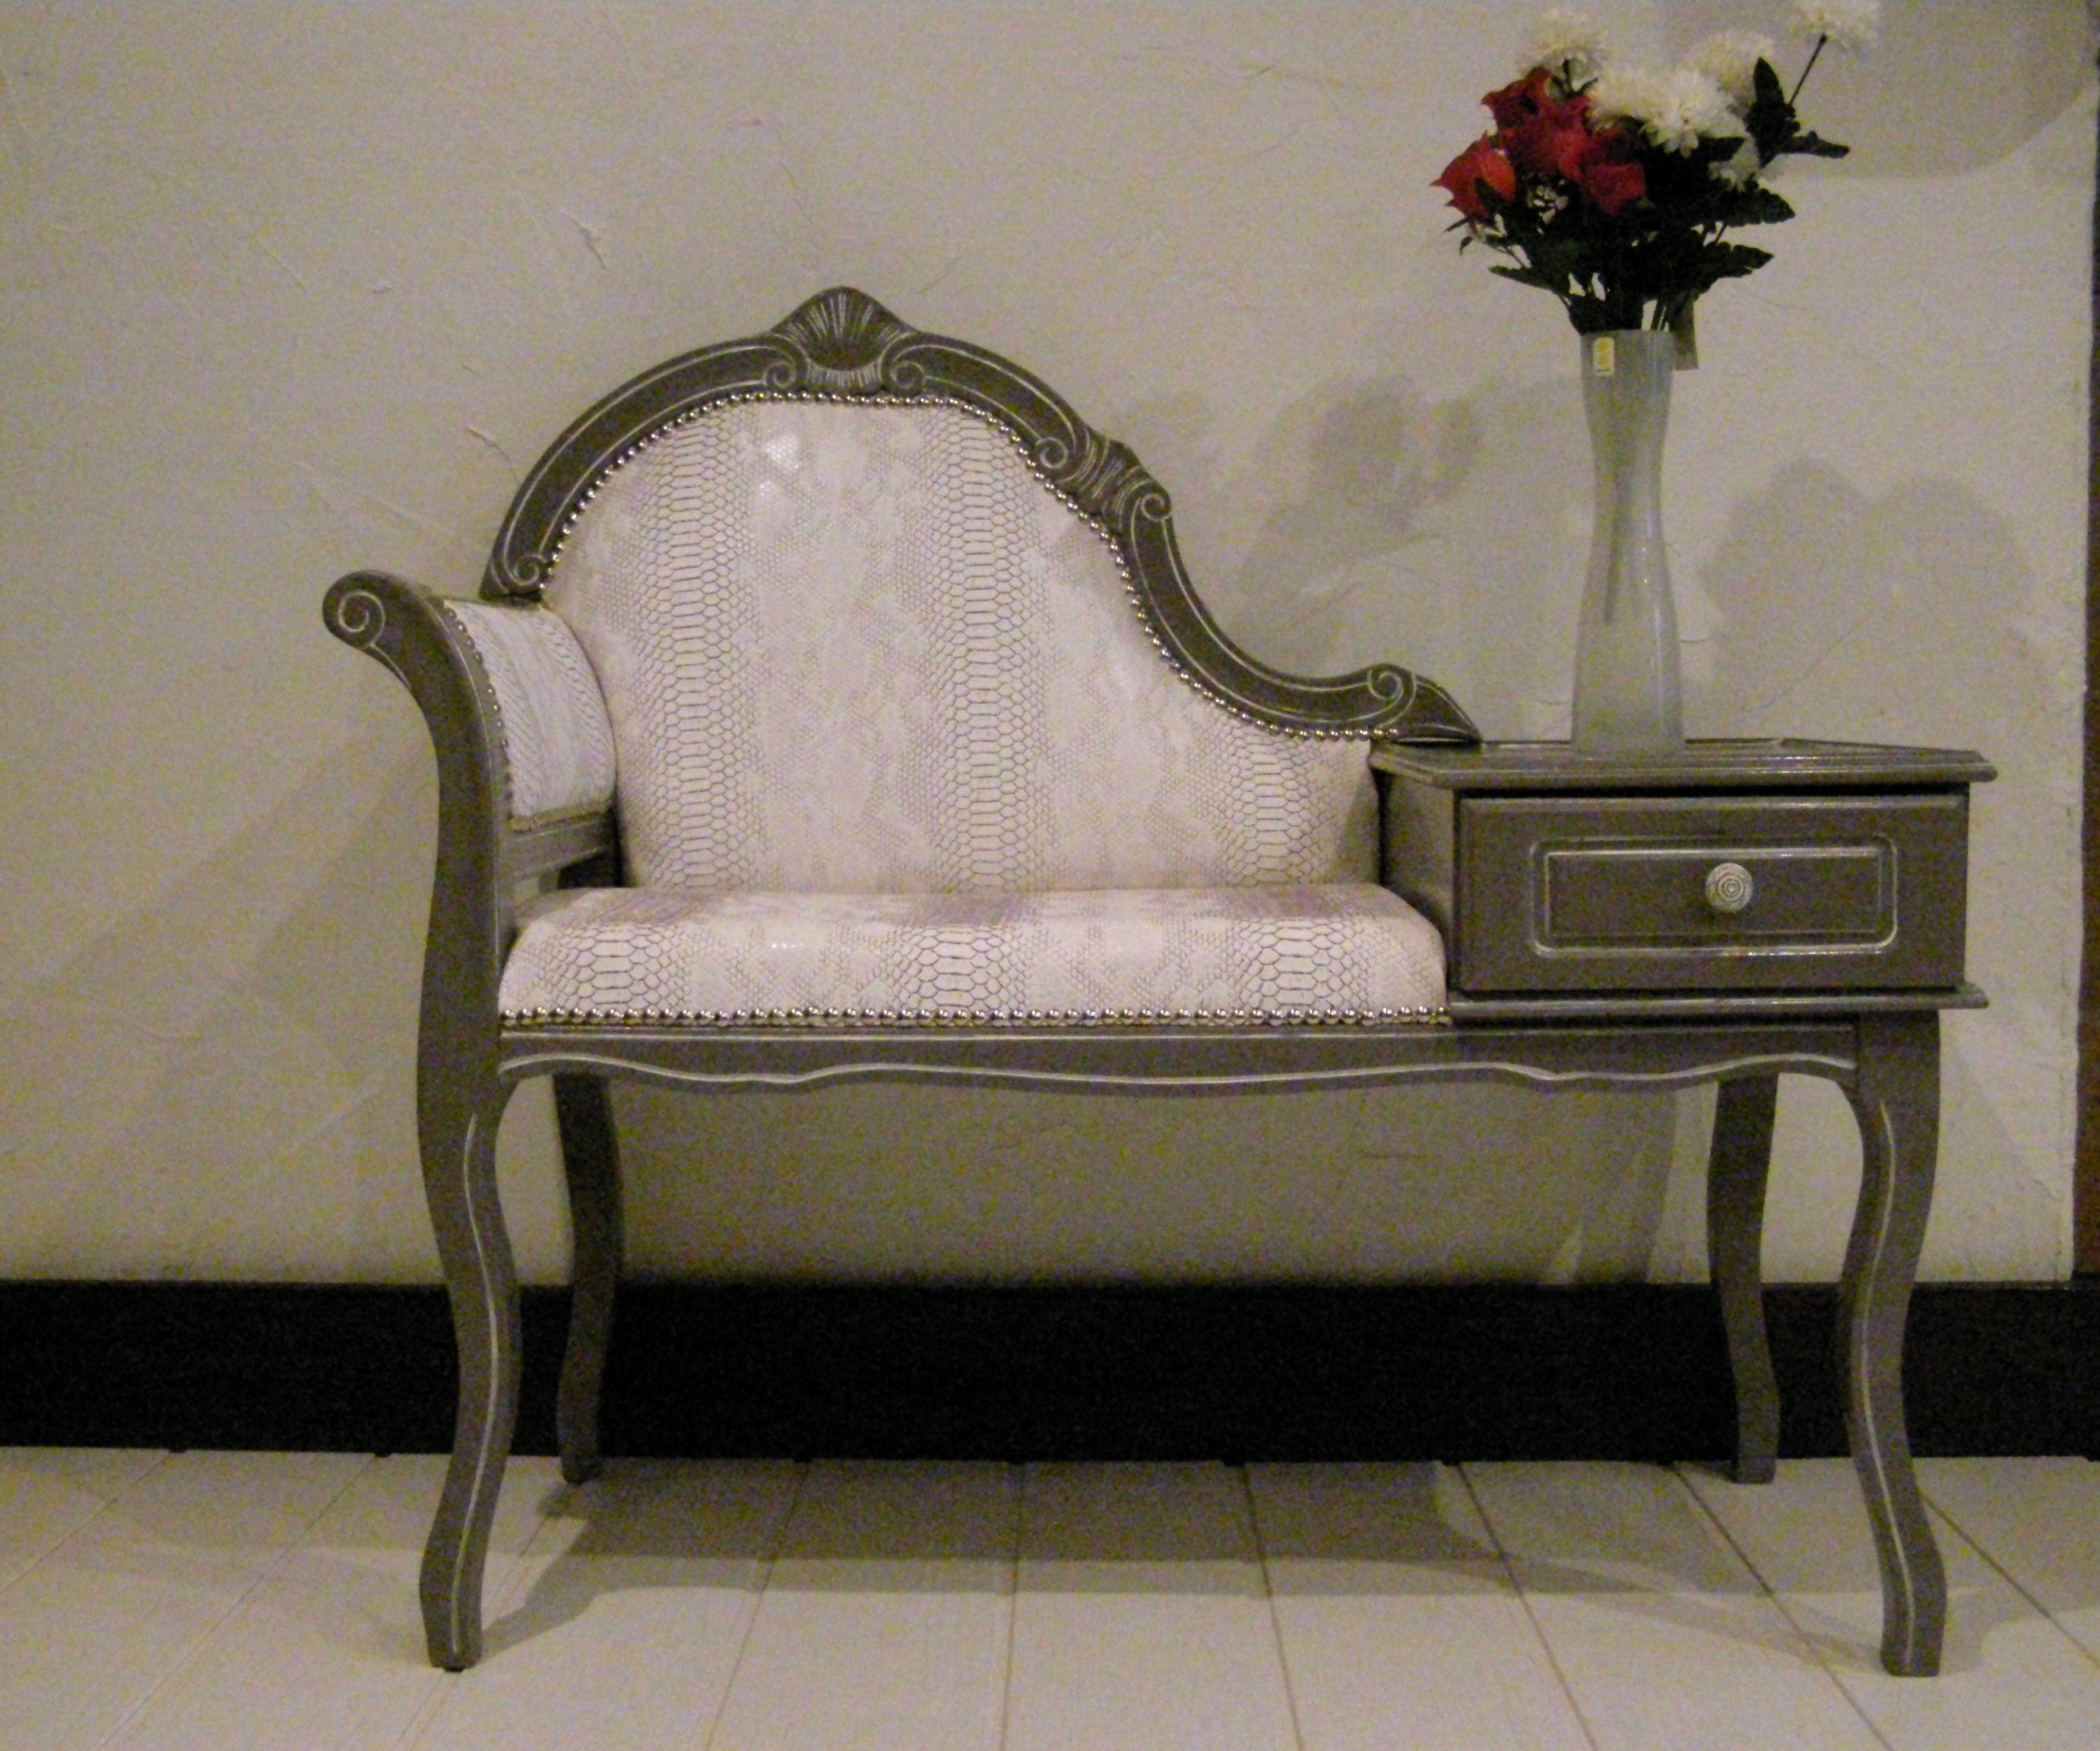 Petit meuble t l phone vintage enti rement restaur et relook il est recouvert de simili cuir - Meuble ancien restaure ...